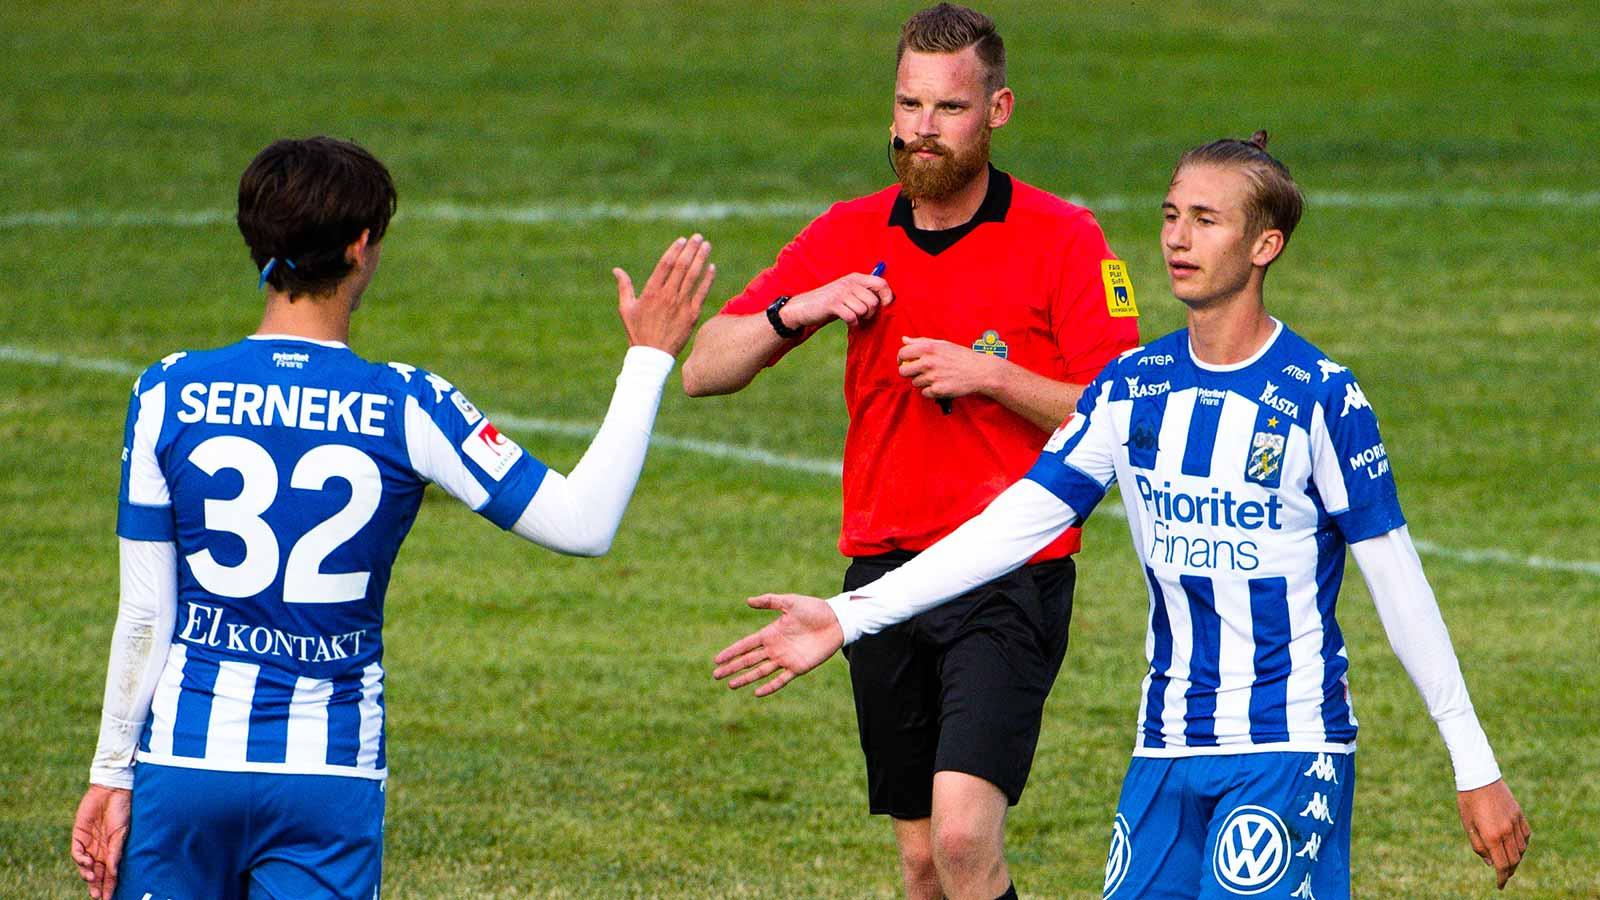 180611 IFK Göteborgs Benjamin Nygren jublar efter mål under en träningsmatch i fotboll mellan en dalakombination och IFK Göteborg den 11 juni 2018 i Nyhammar.